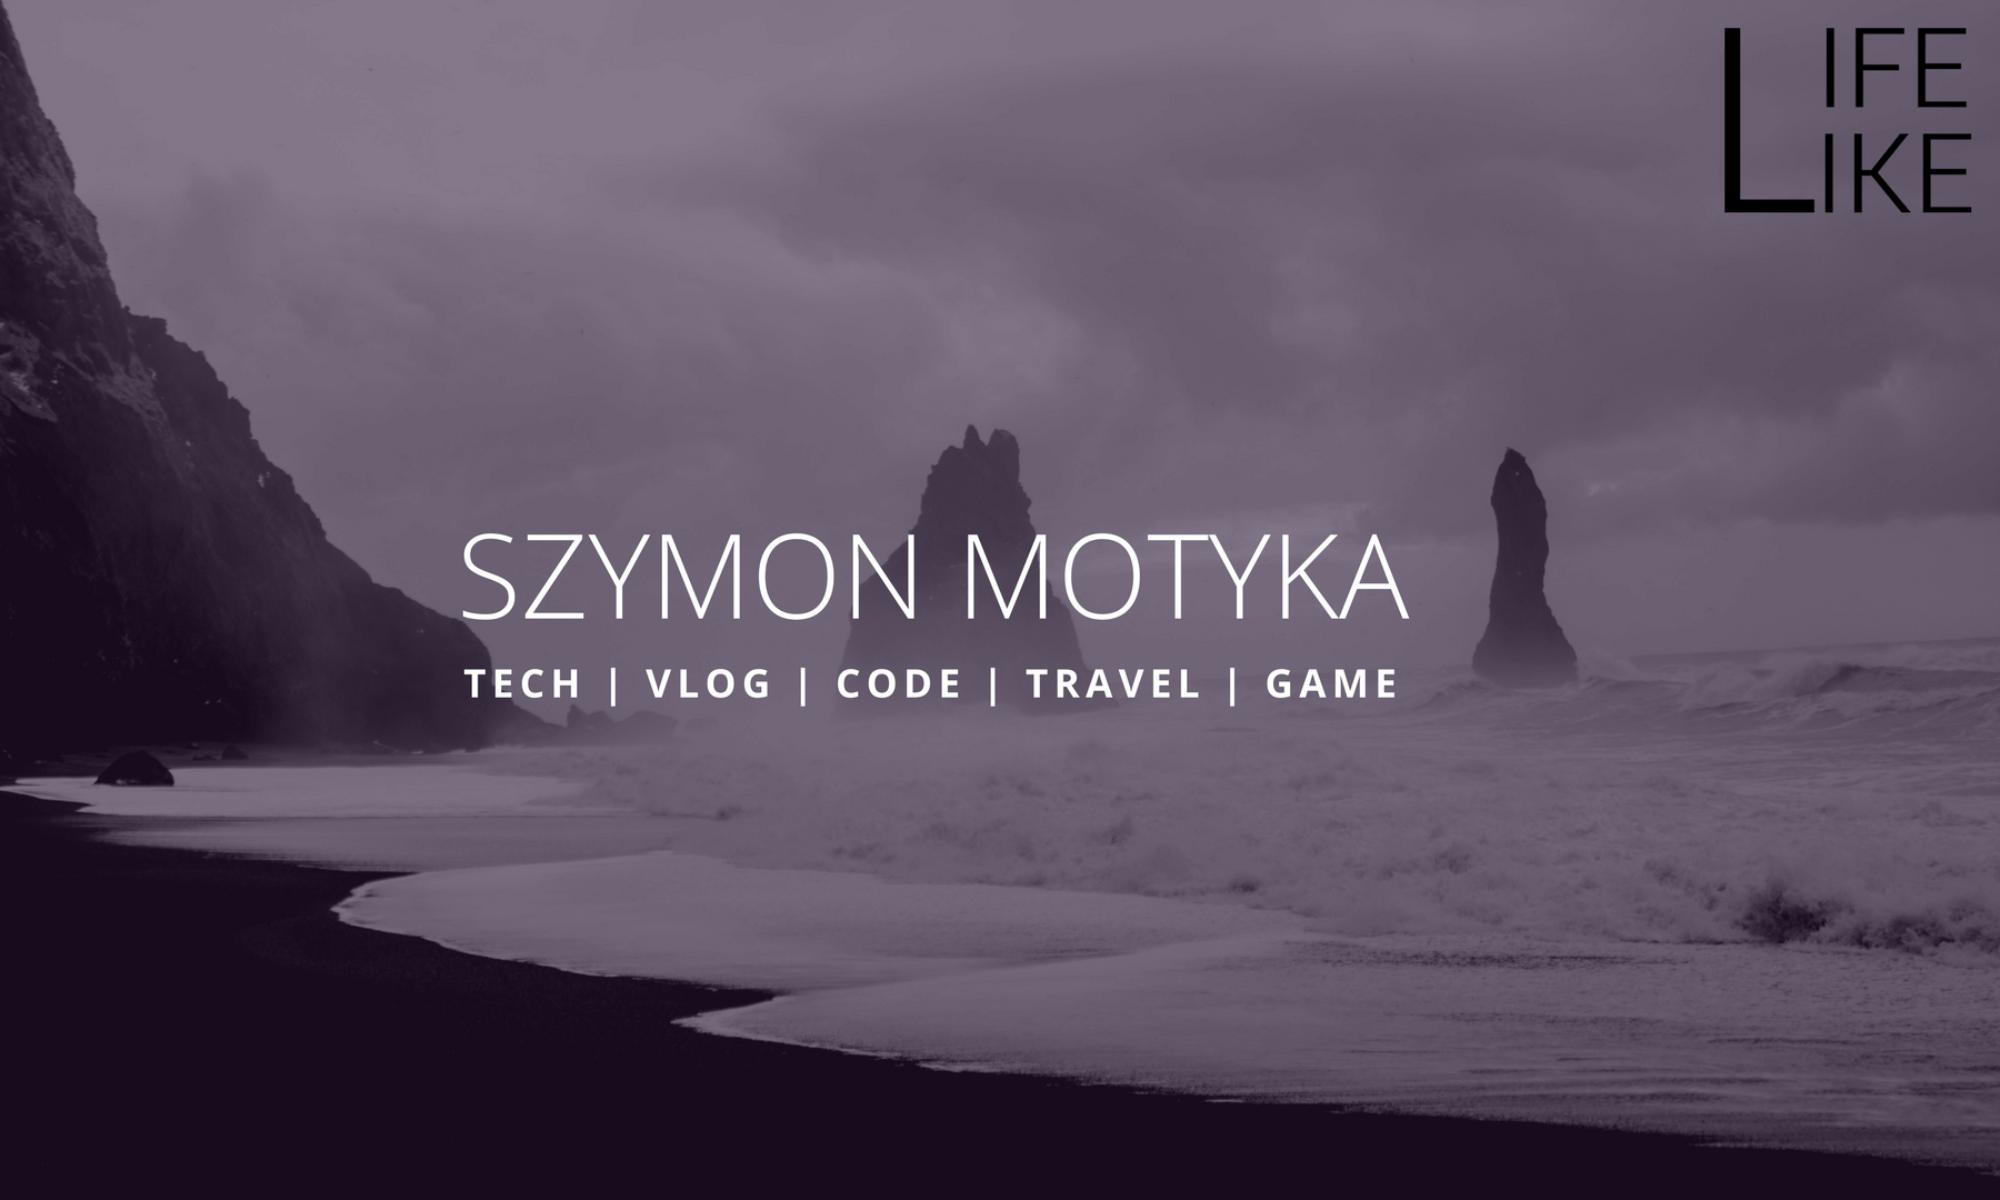 Szymon Motyka